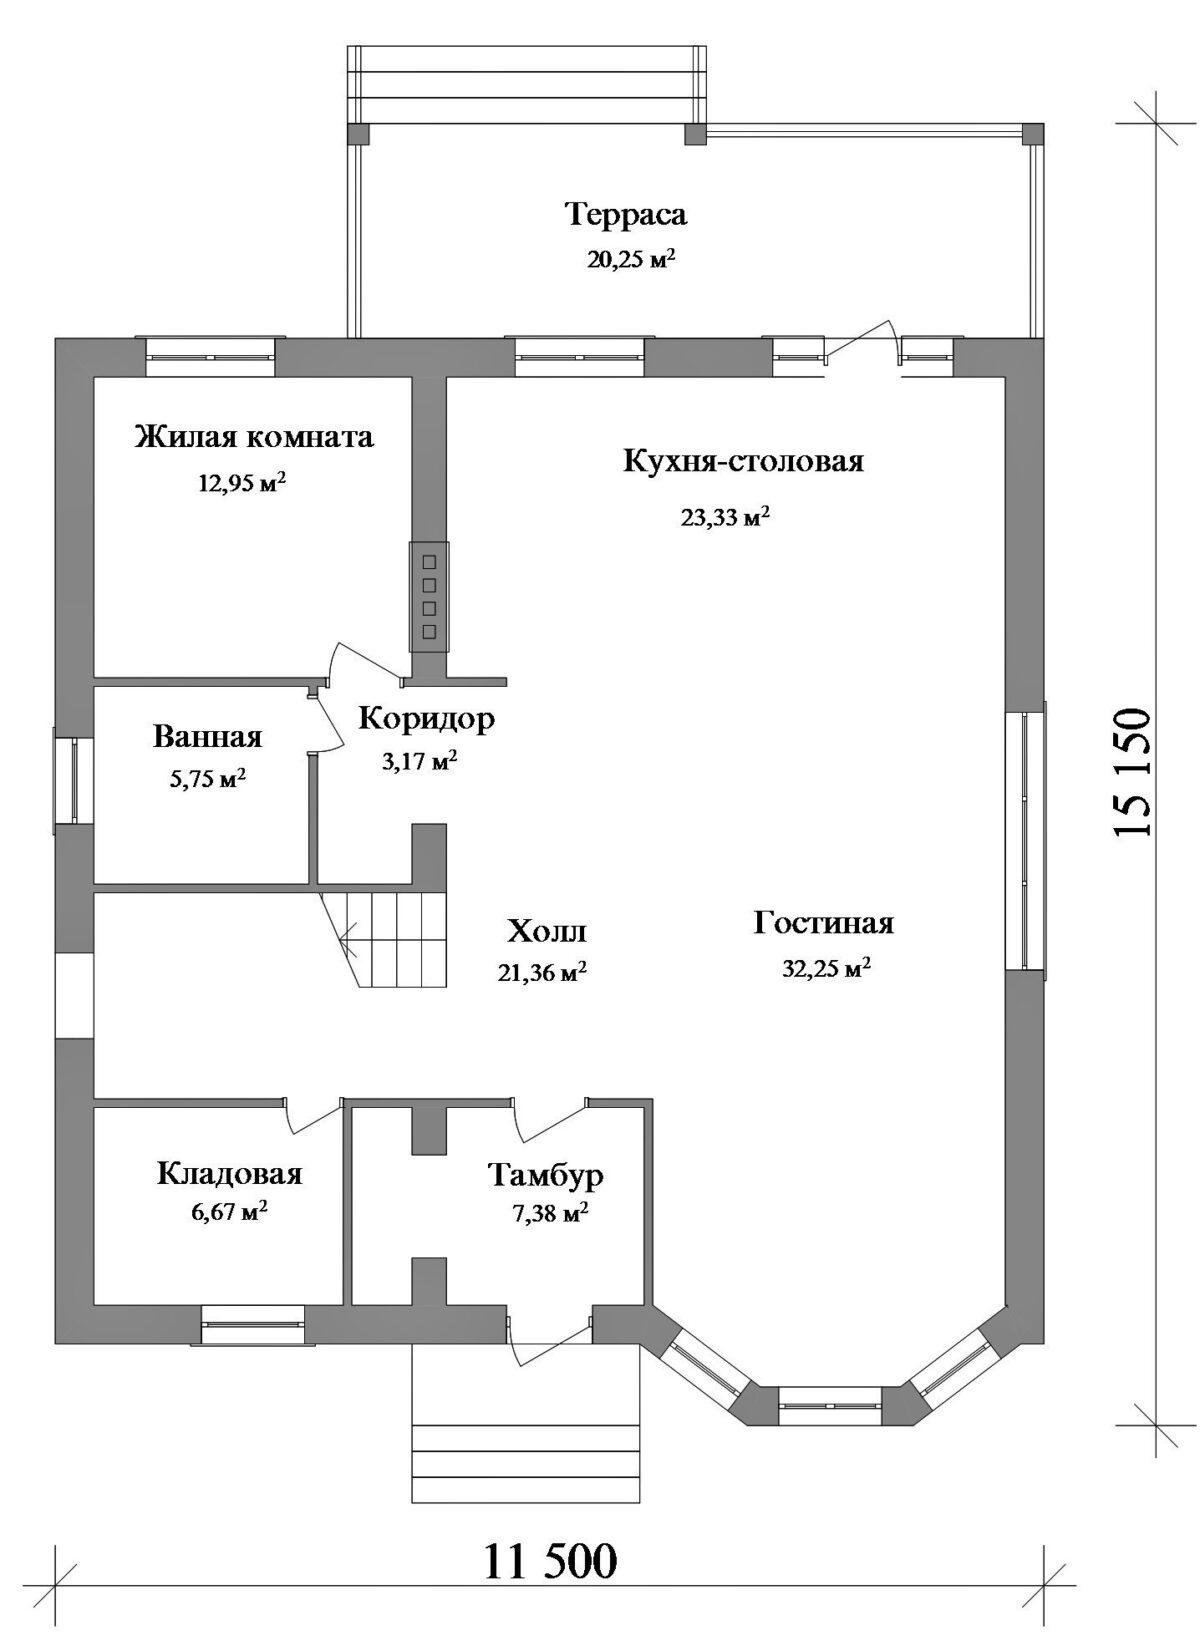 Старт D-023 с видеообзором. Проект мансардного коттеджа на 5 спален, с террасой